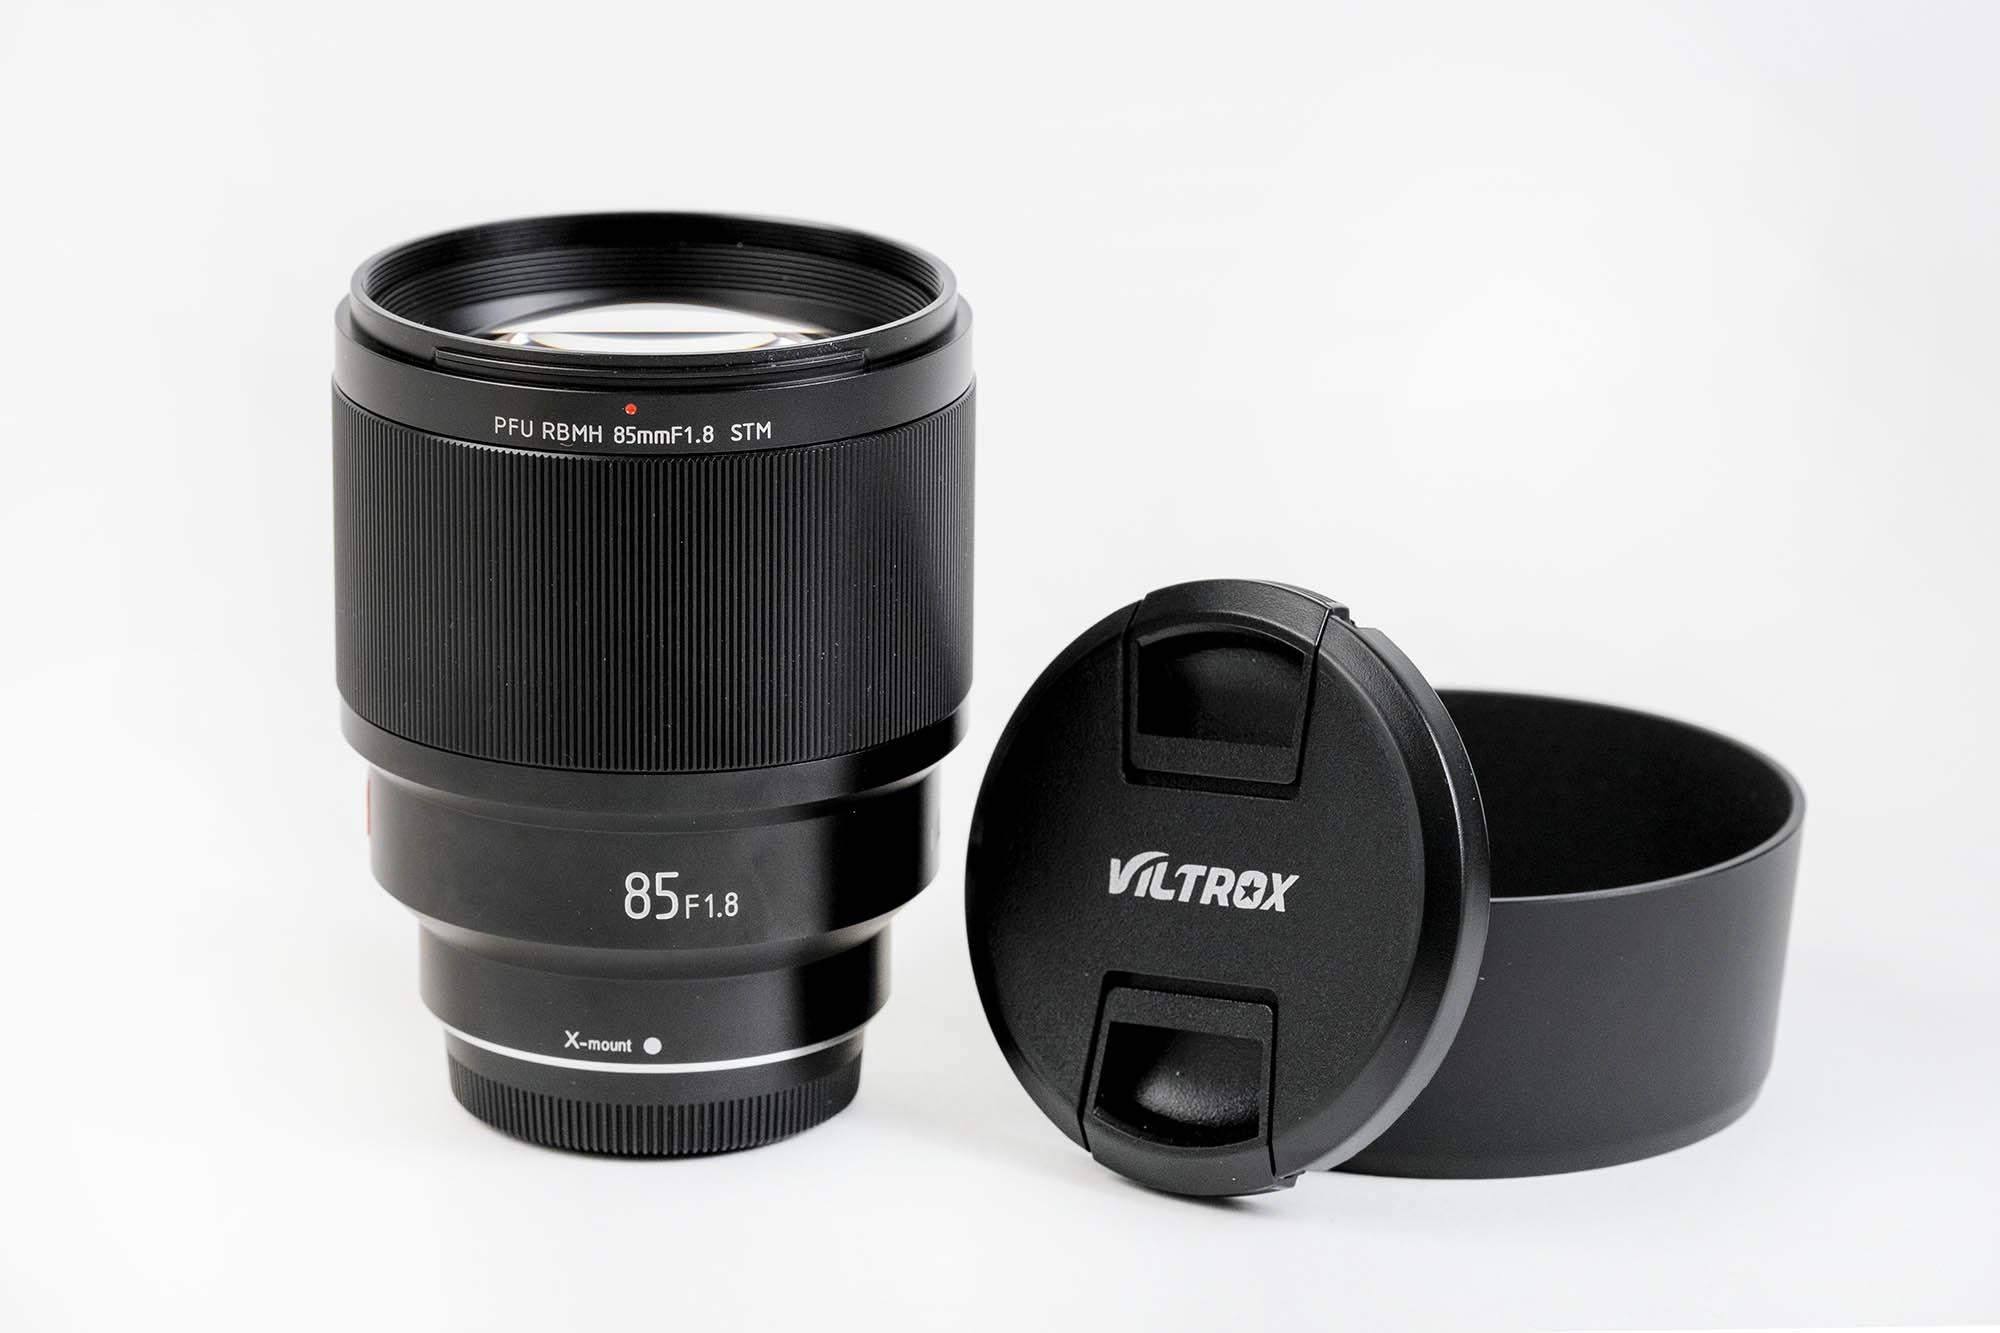 Viltrox 85mm f/1.8 for Fujifilm